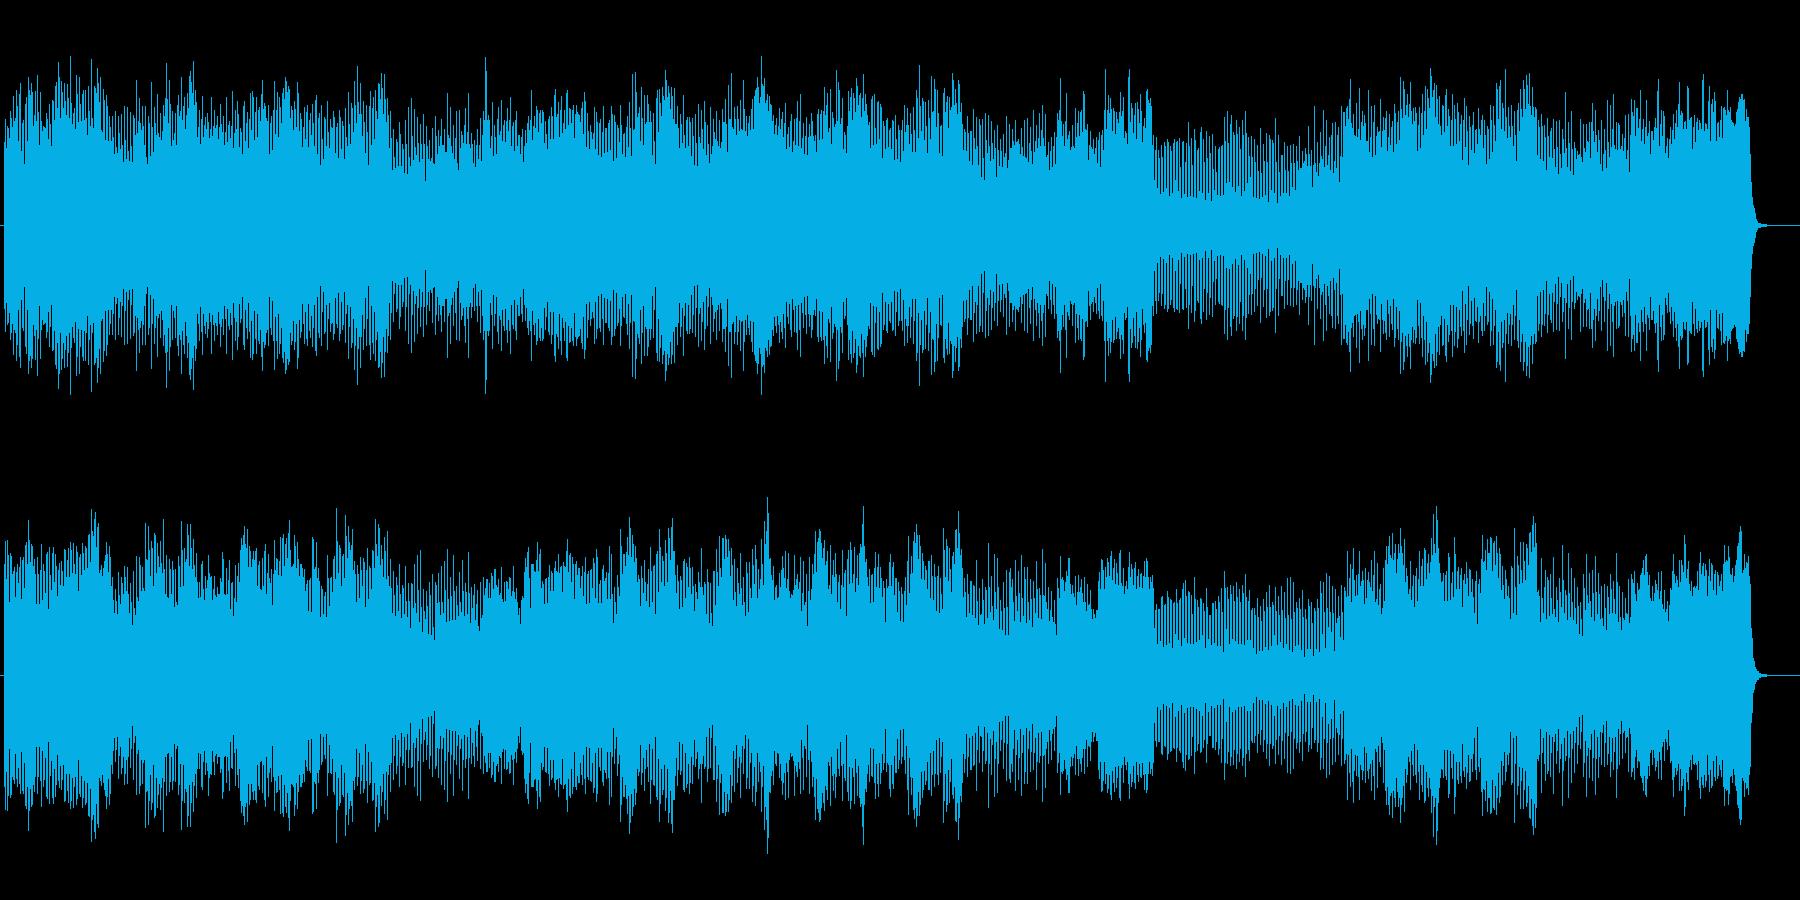 壮大な和音が連なるメロディのポップスの再生済みの波形